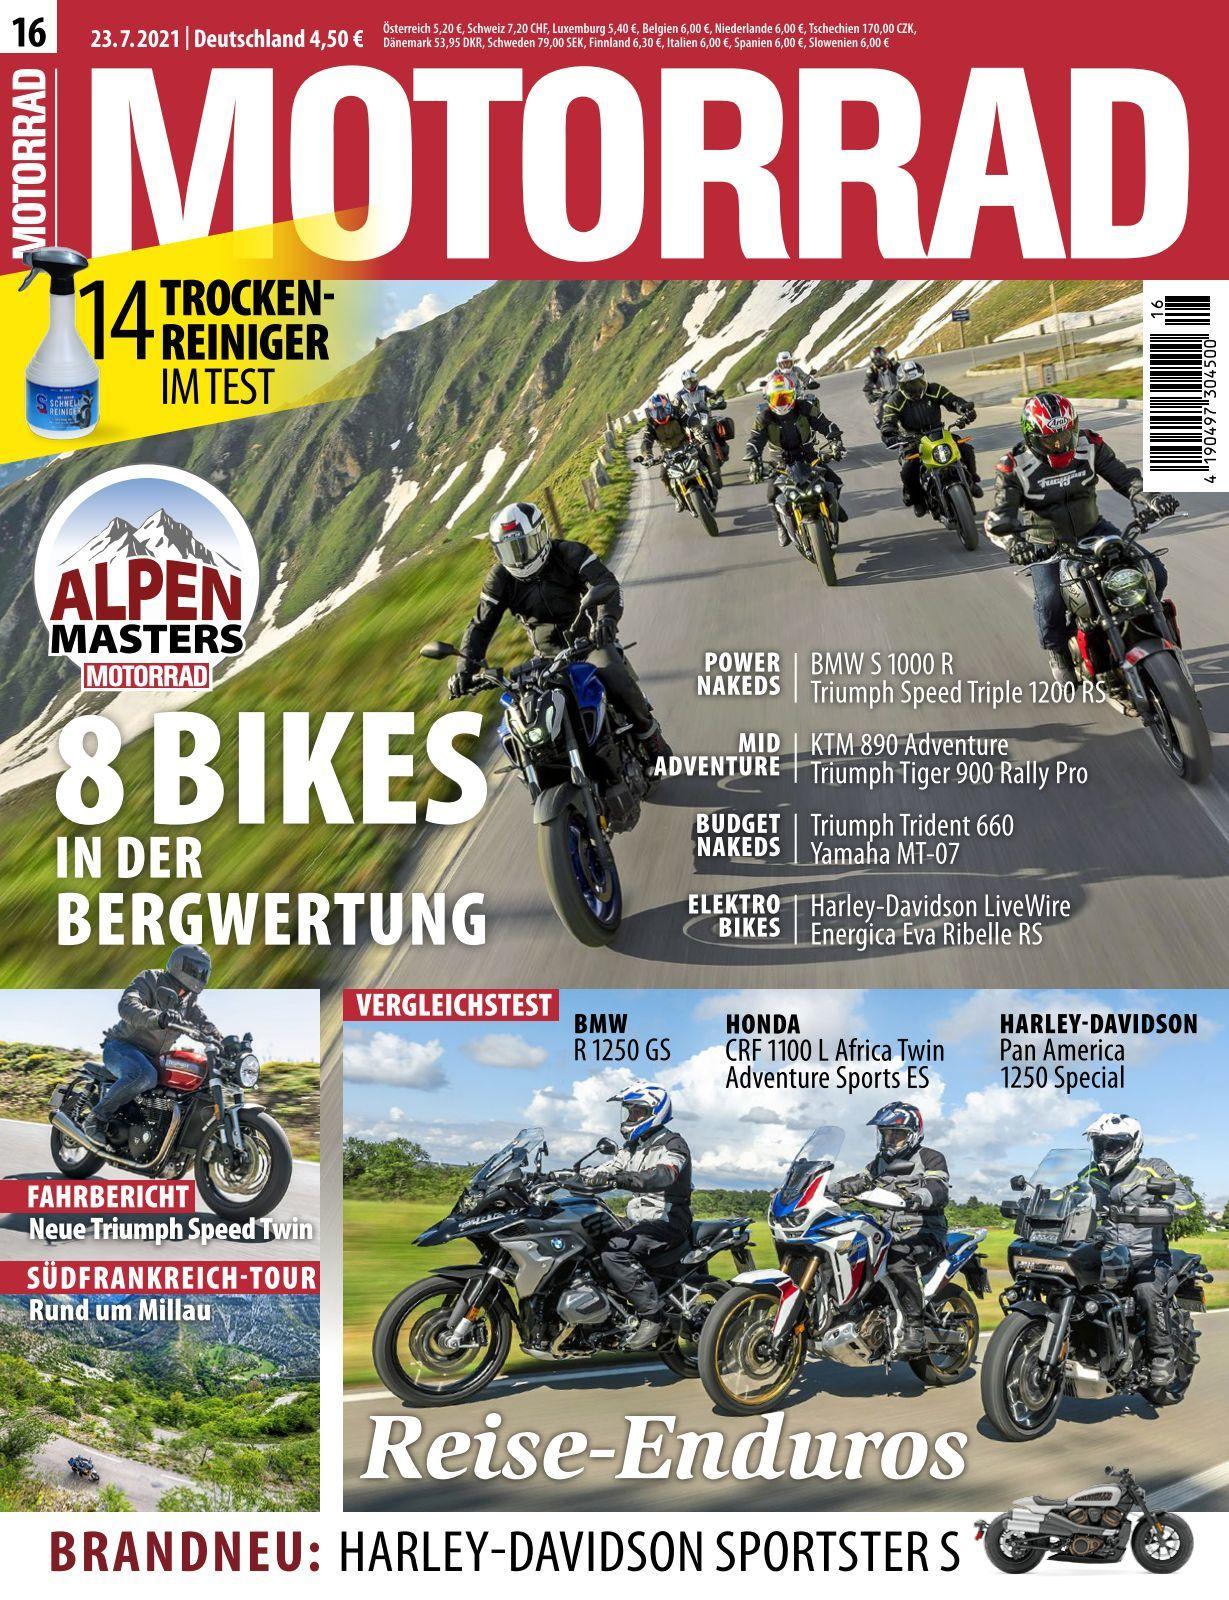 Motorrad   8 8 8